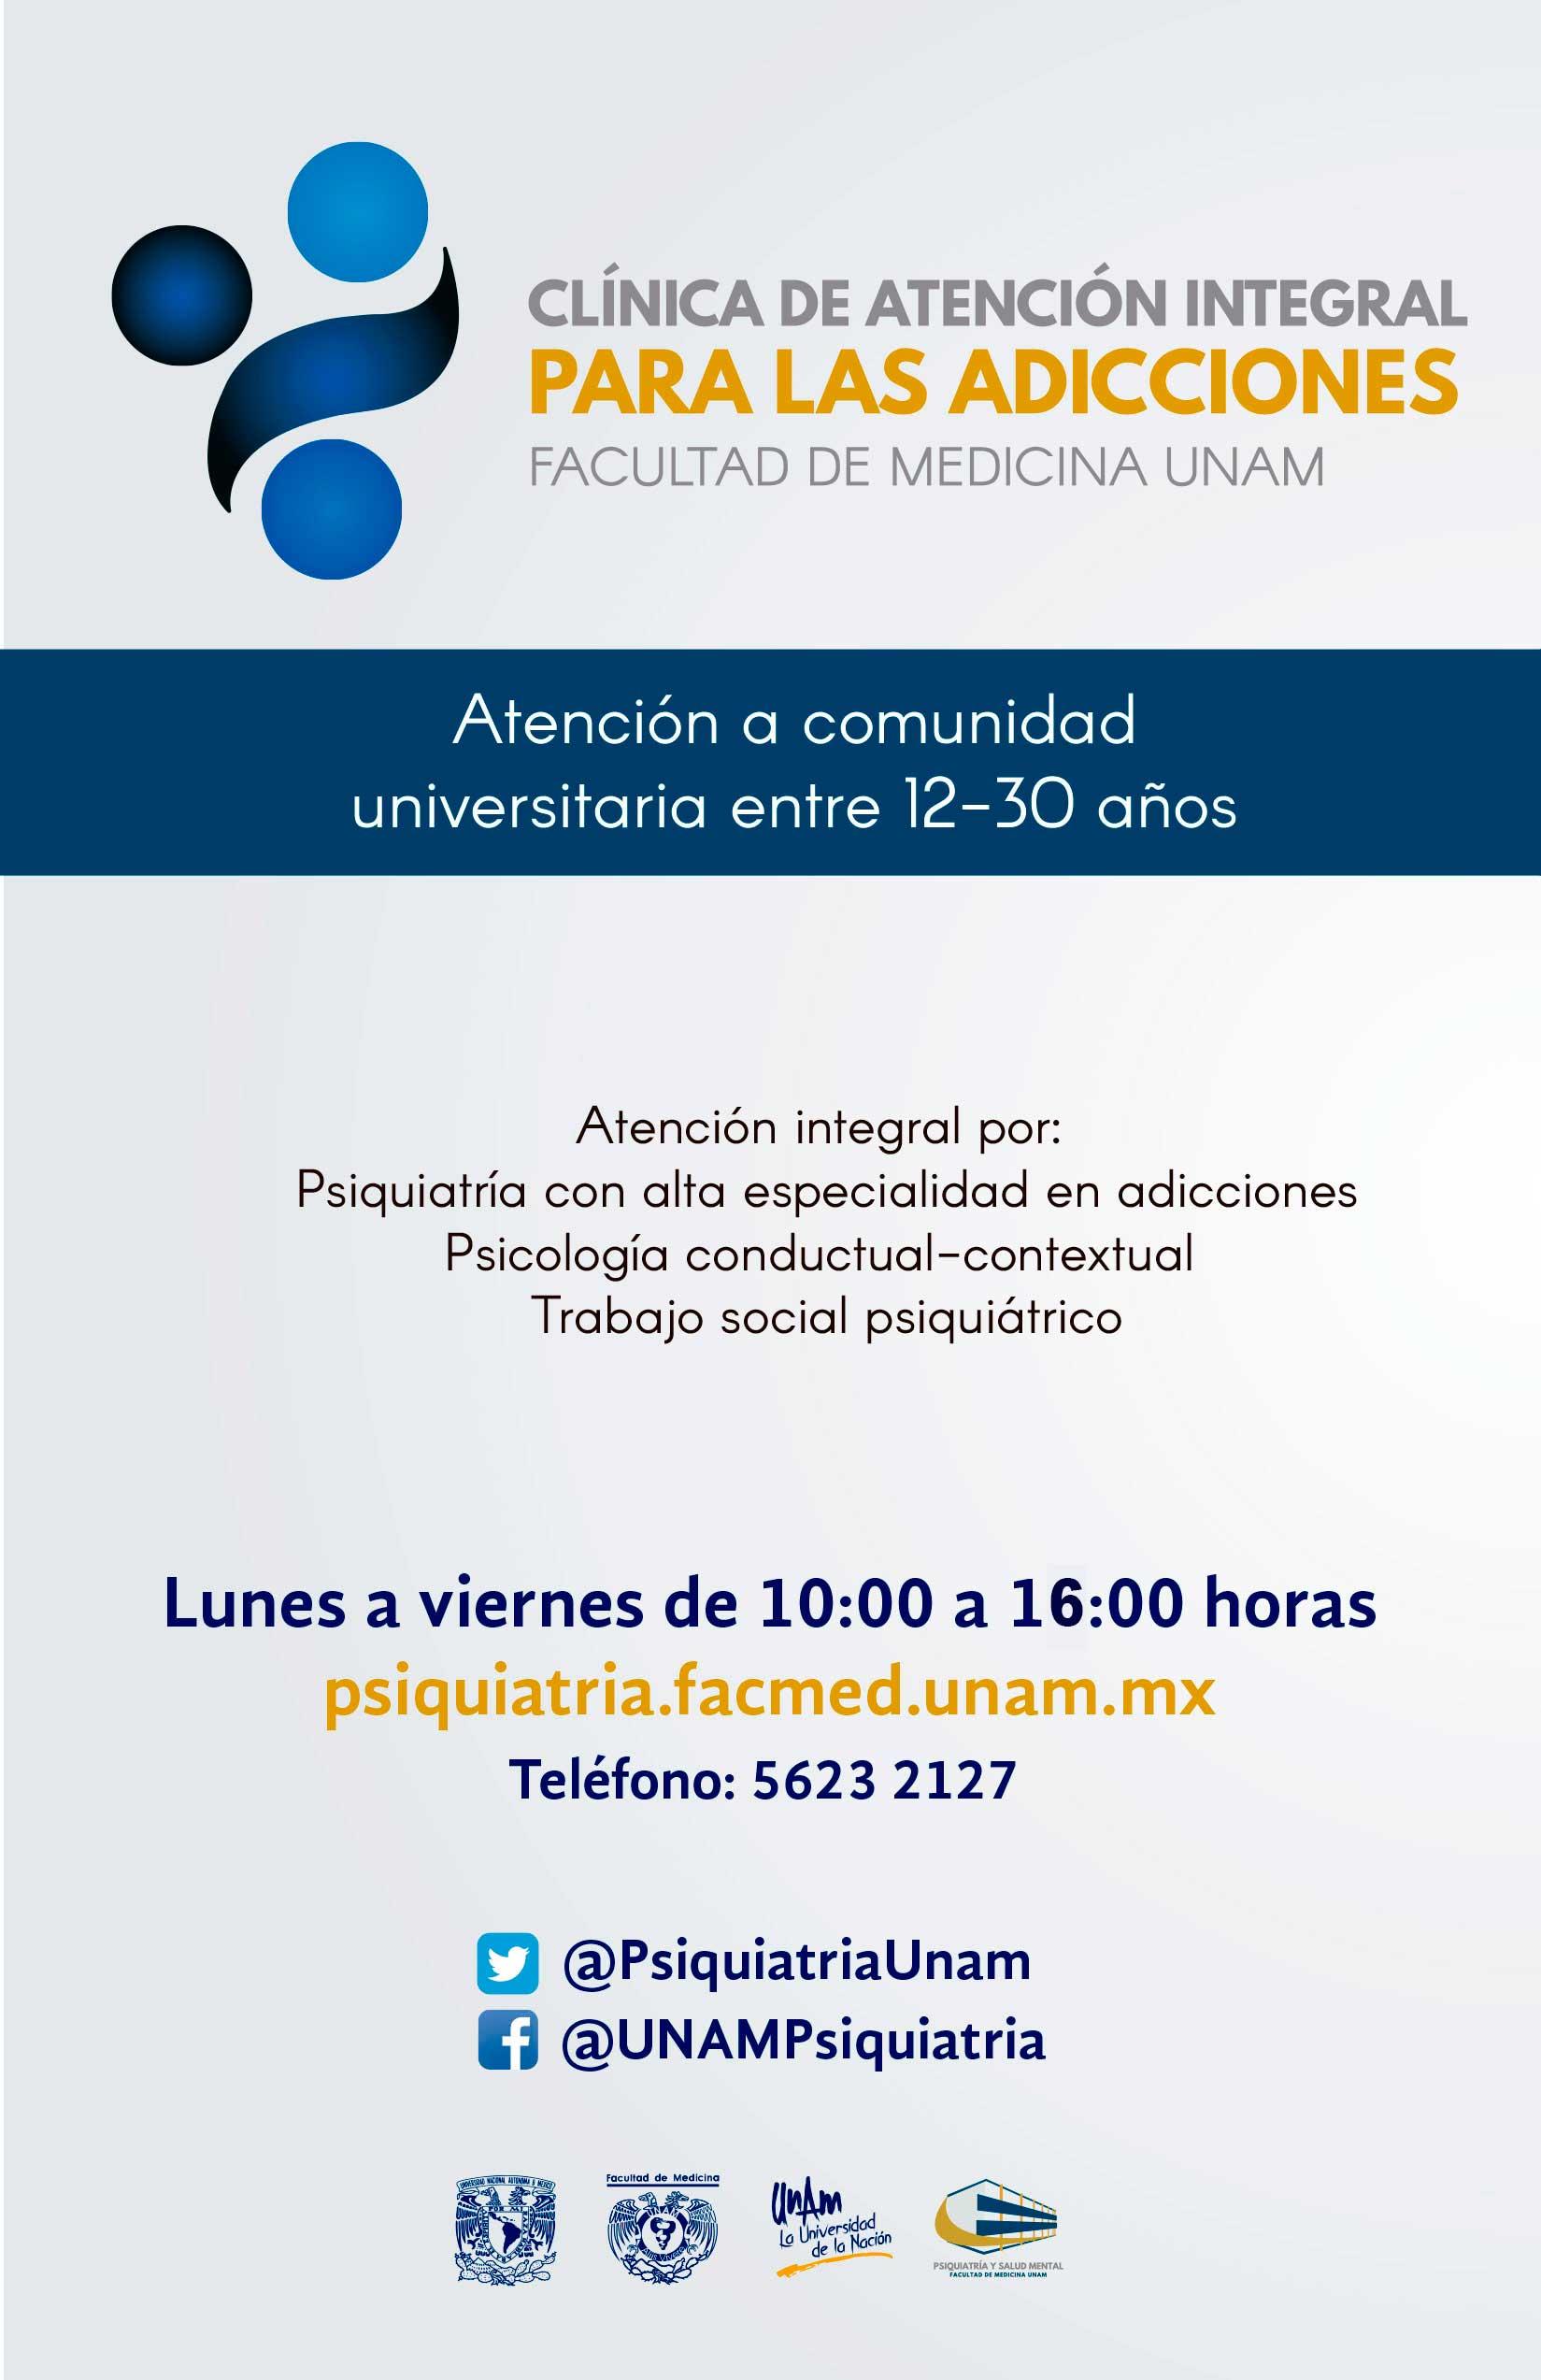 Unam portal unam clnica de atencin integral para las adicciones facultad de medicina unam mxico fandeluxe Gallery